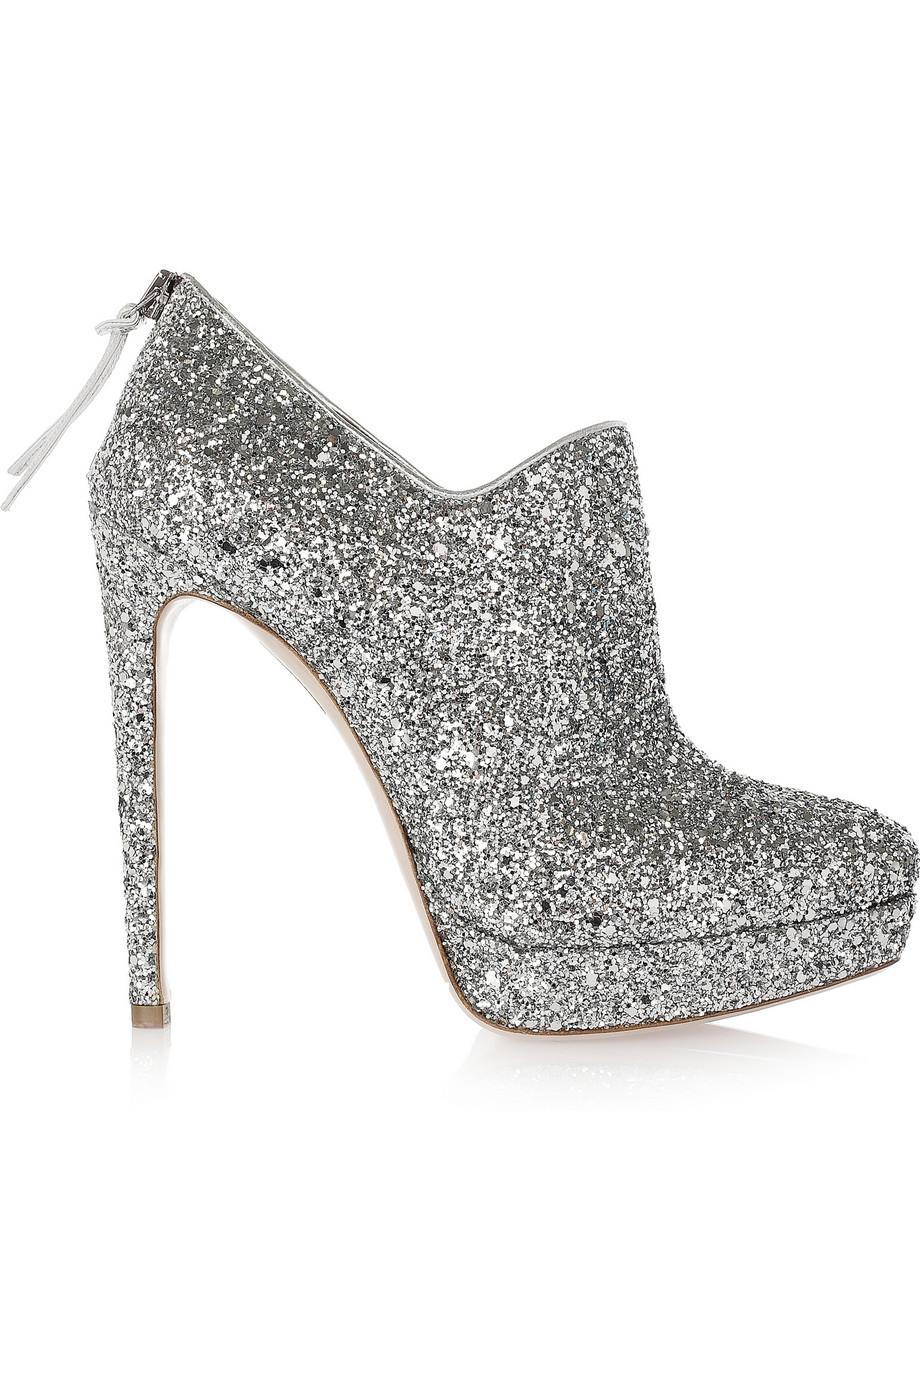 Silver Sparkly Stiletto Heels